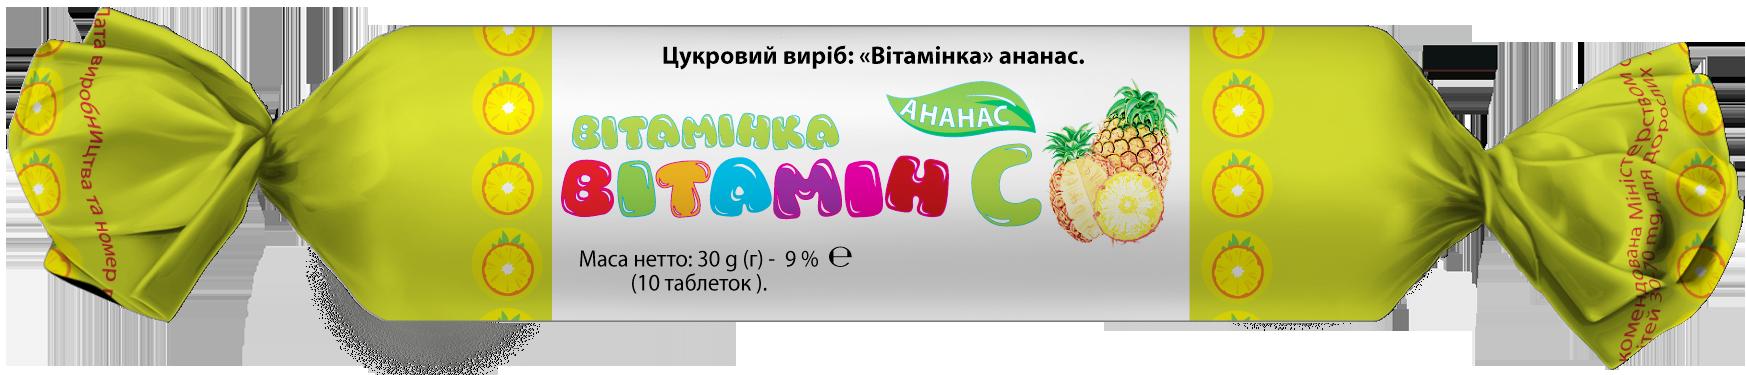 Витаминка ананас